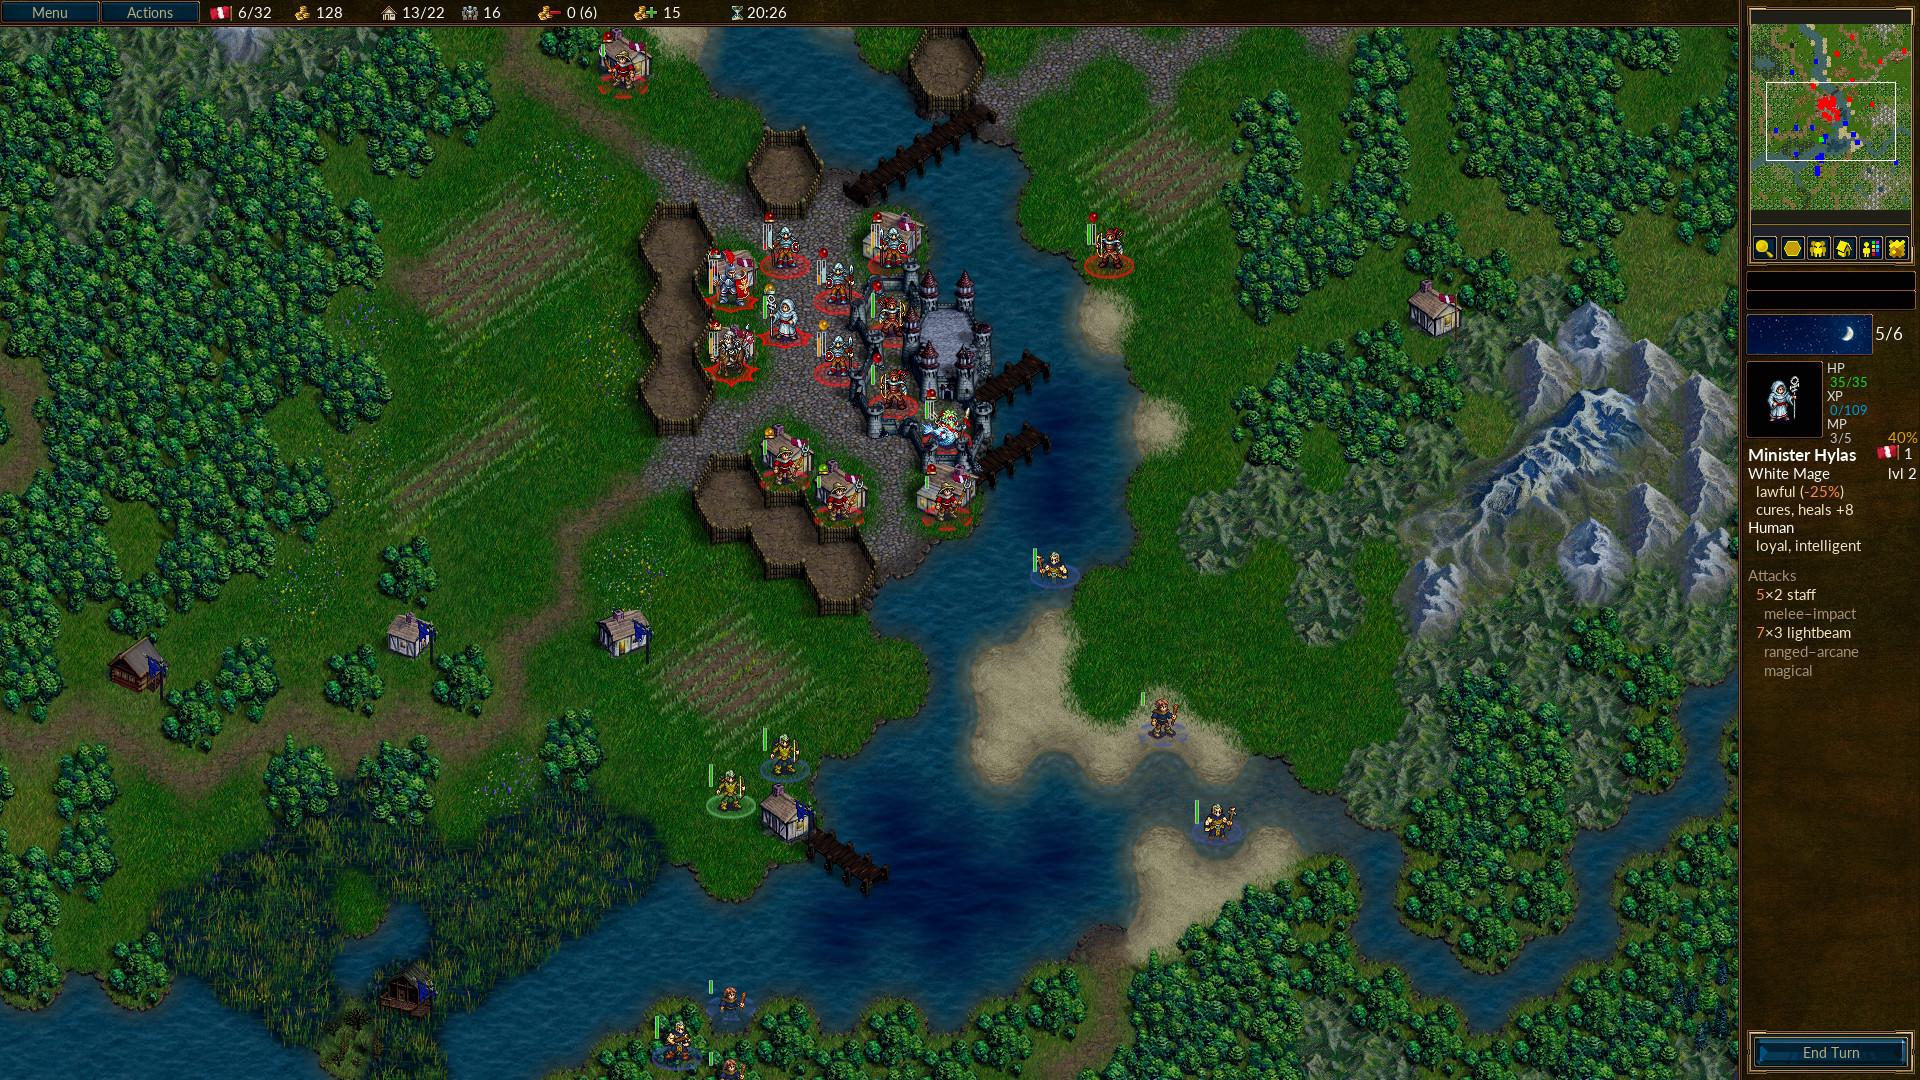 Battle for Westnoth screenshot.